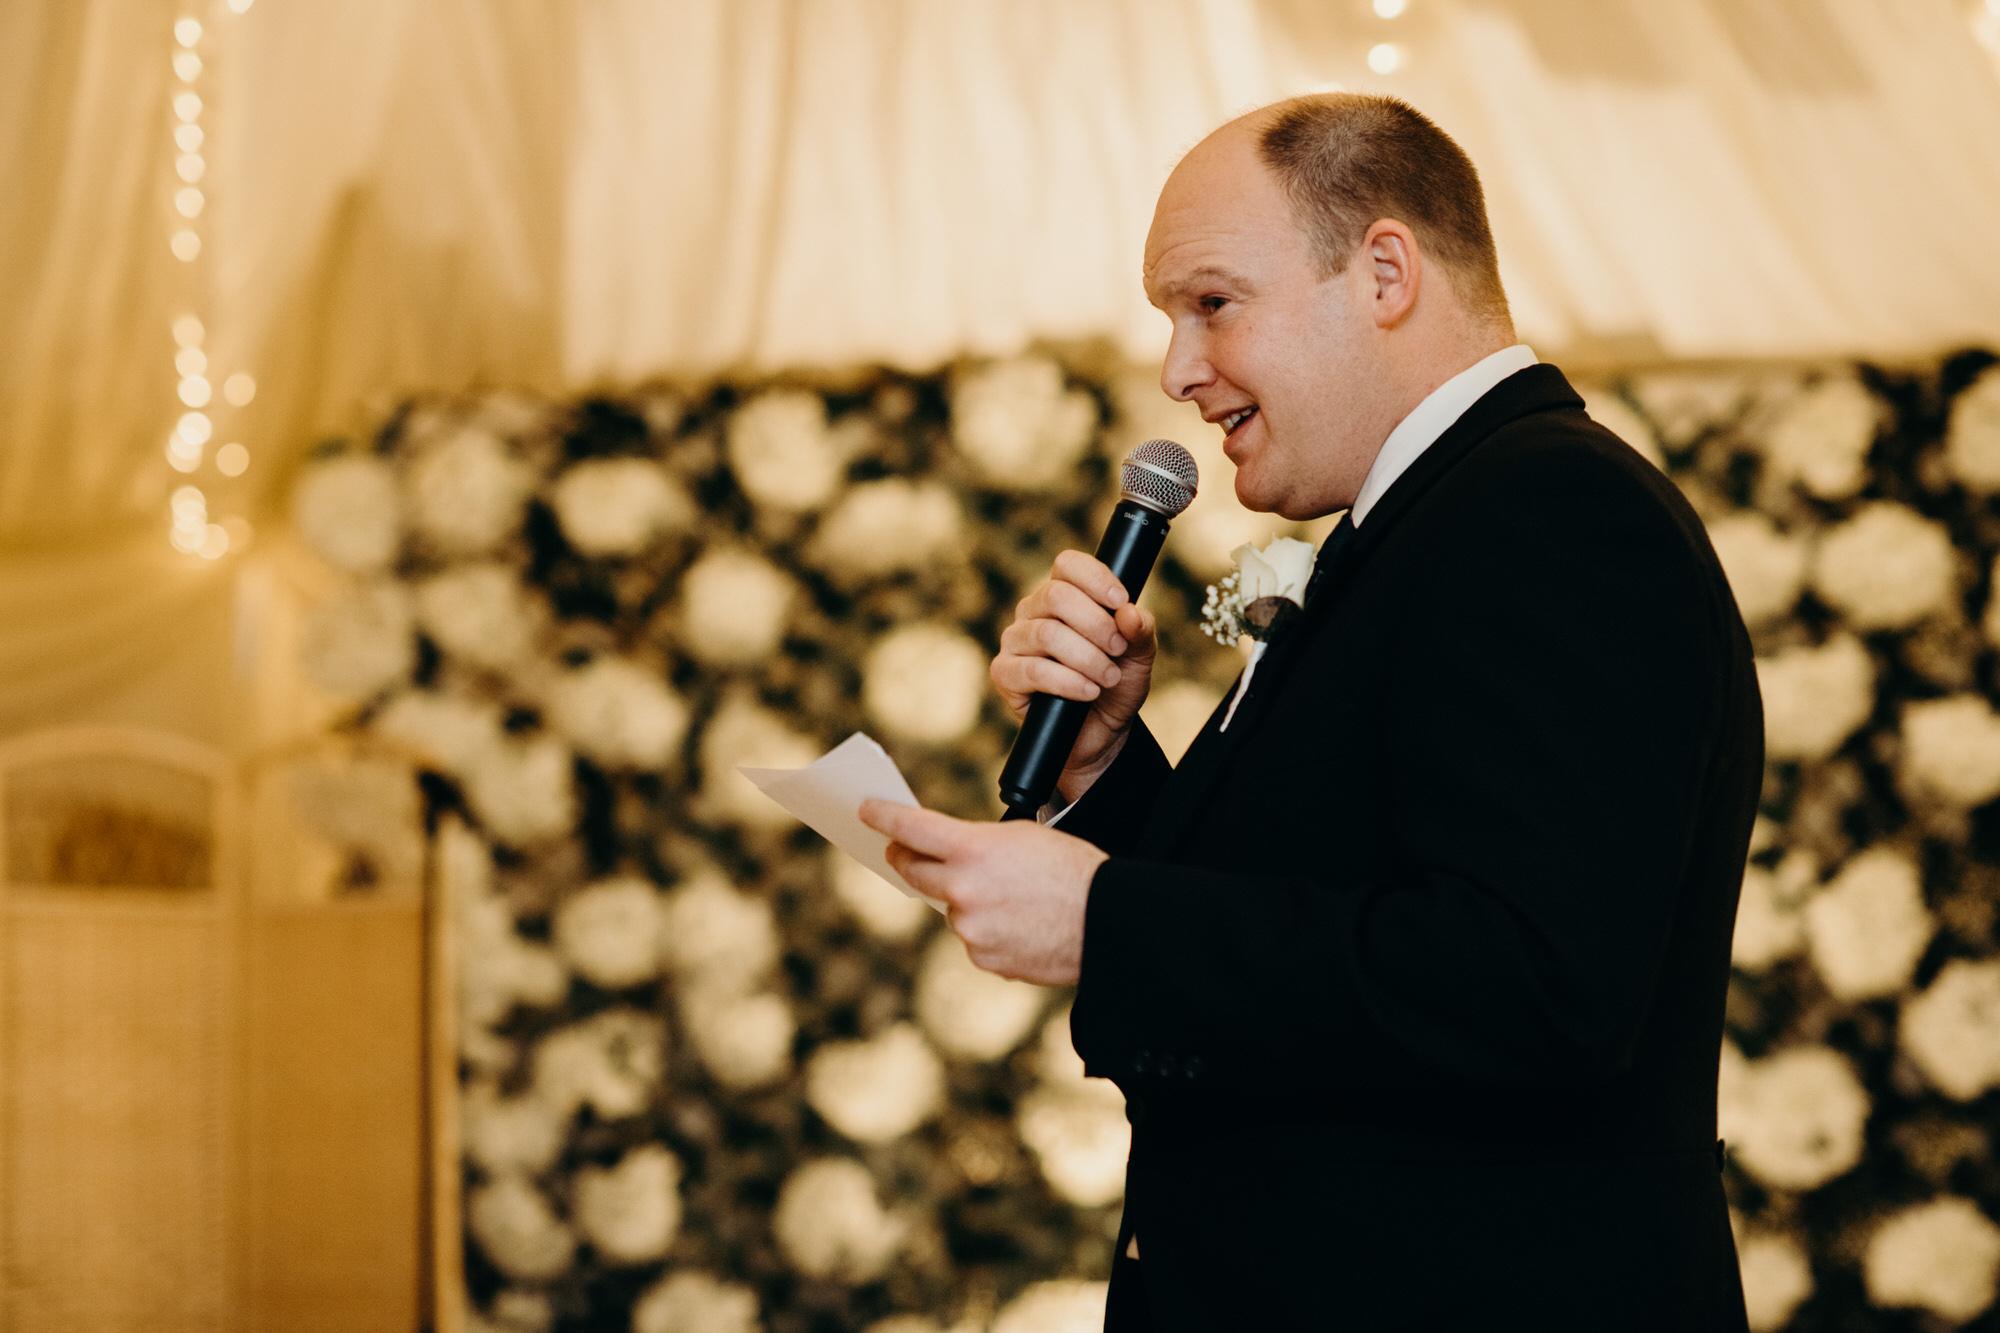 Speech from best man